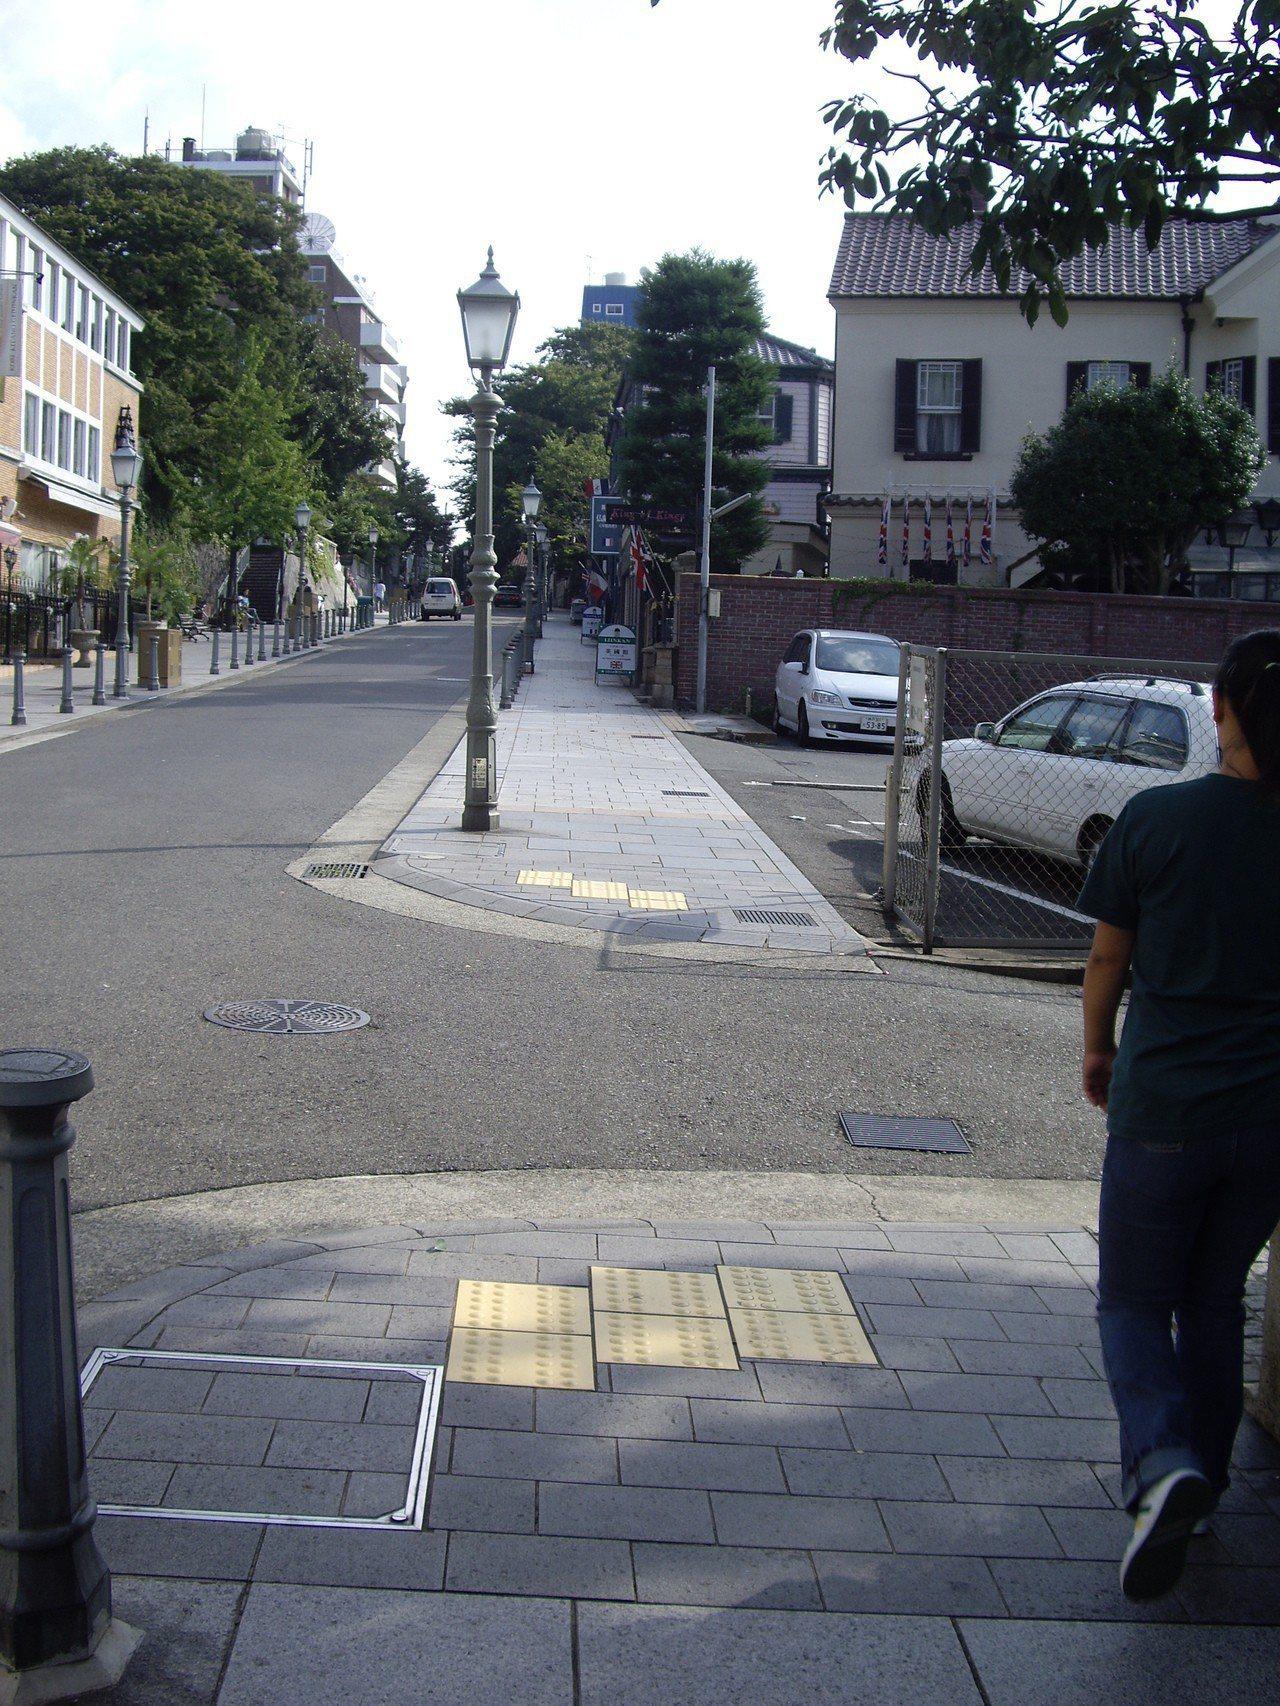 日本在人行道鋪導盲磚,若是沒斑馬線的較小路口,仍有設定位磚,讓視障者知道從這可以...